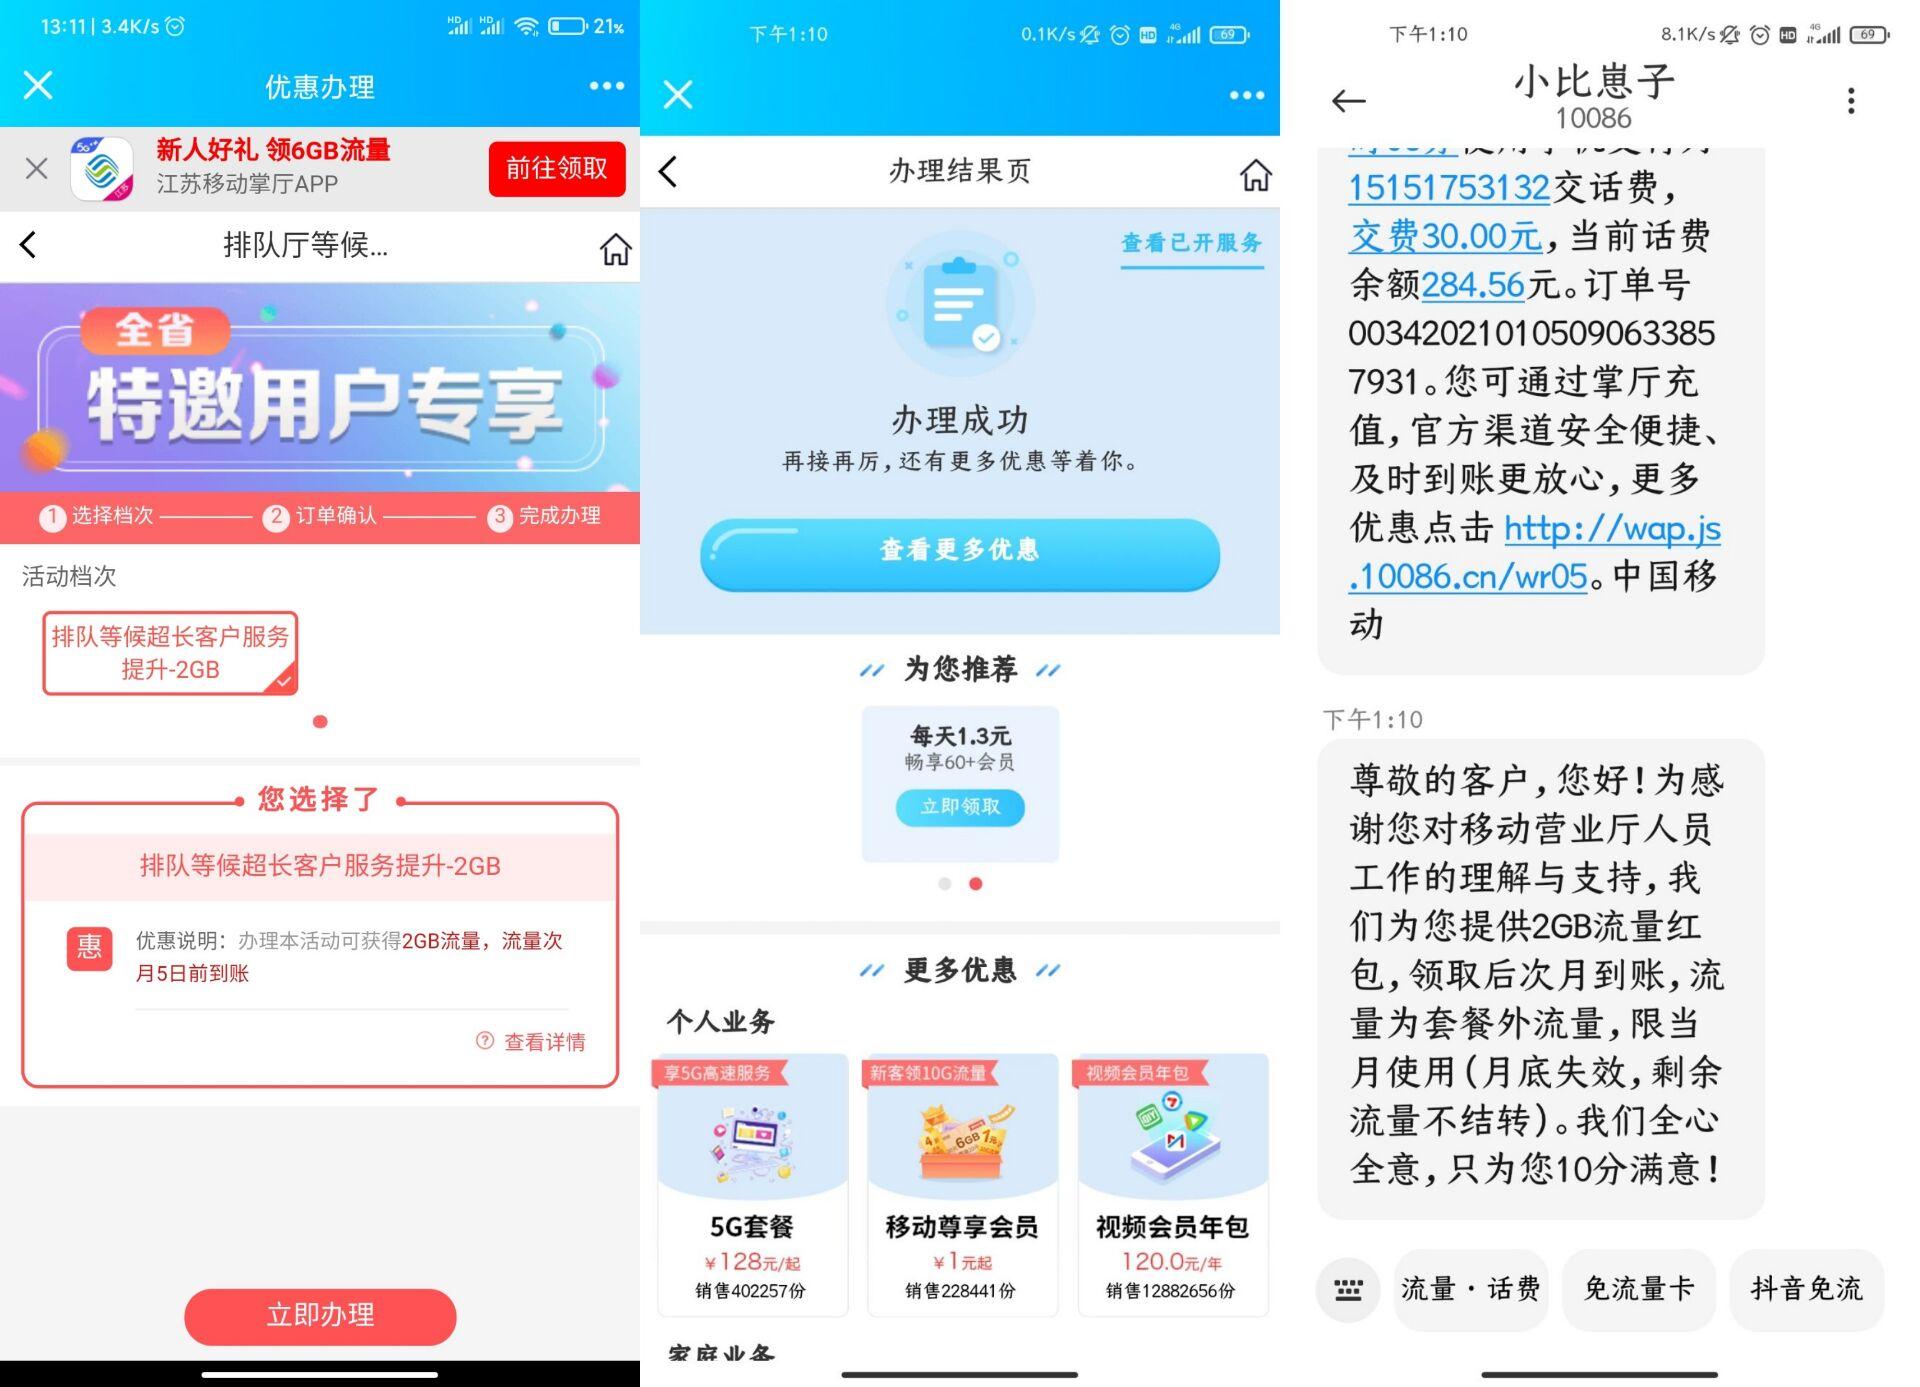 江苏移动用户免费领2G流量